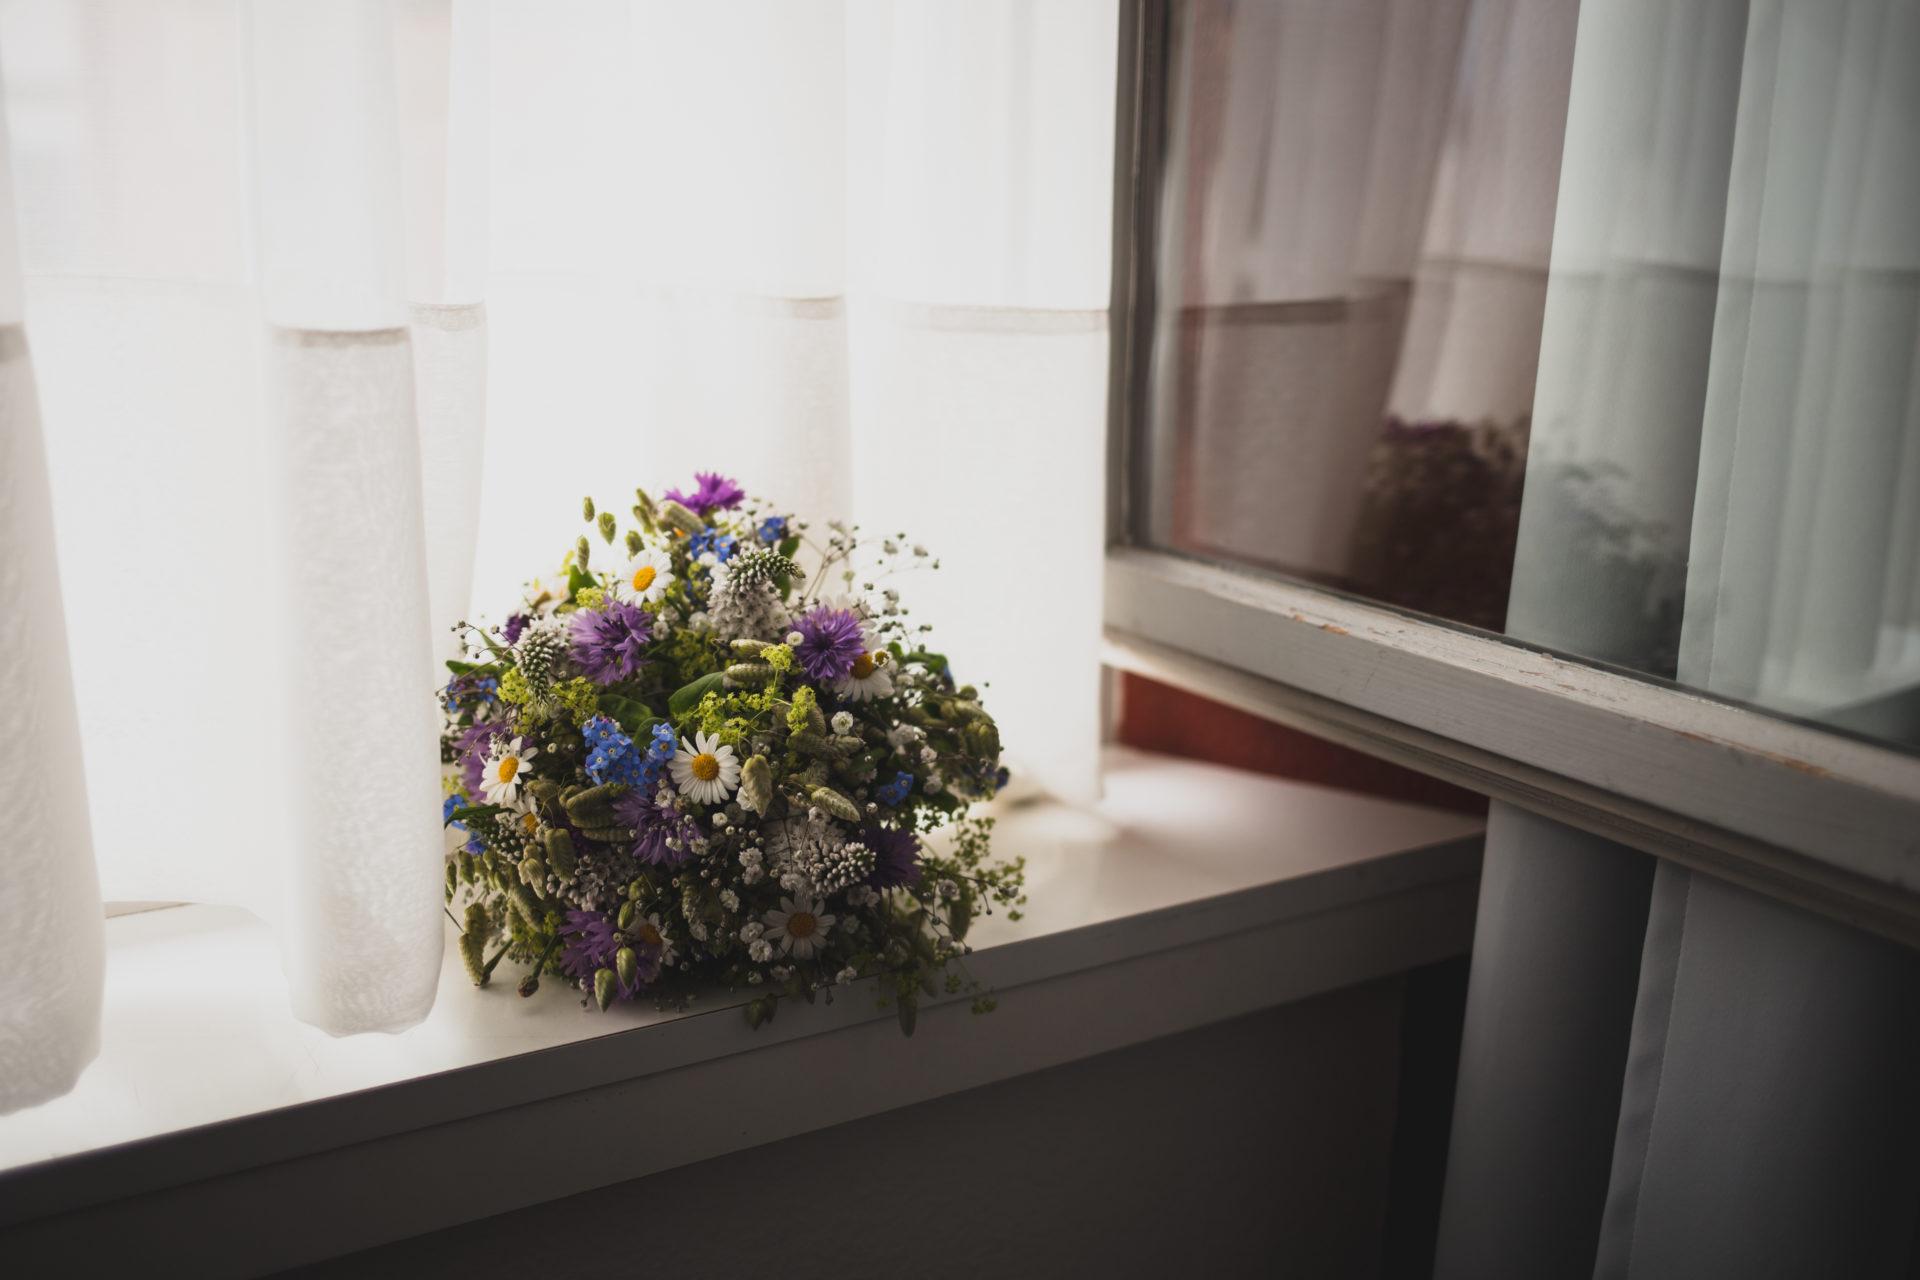 Hochzeitsfotografie_Weddings_0866_Carolin-Weinkopf